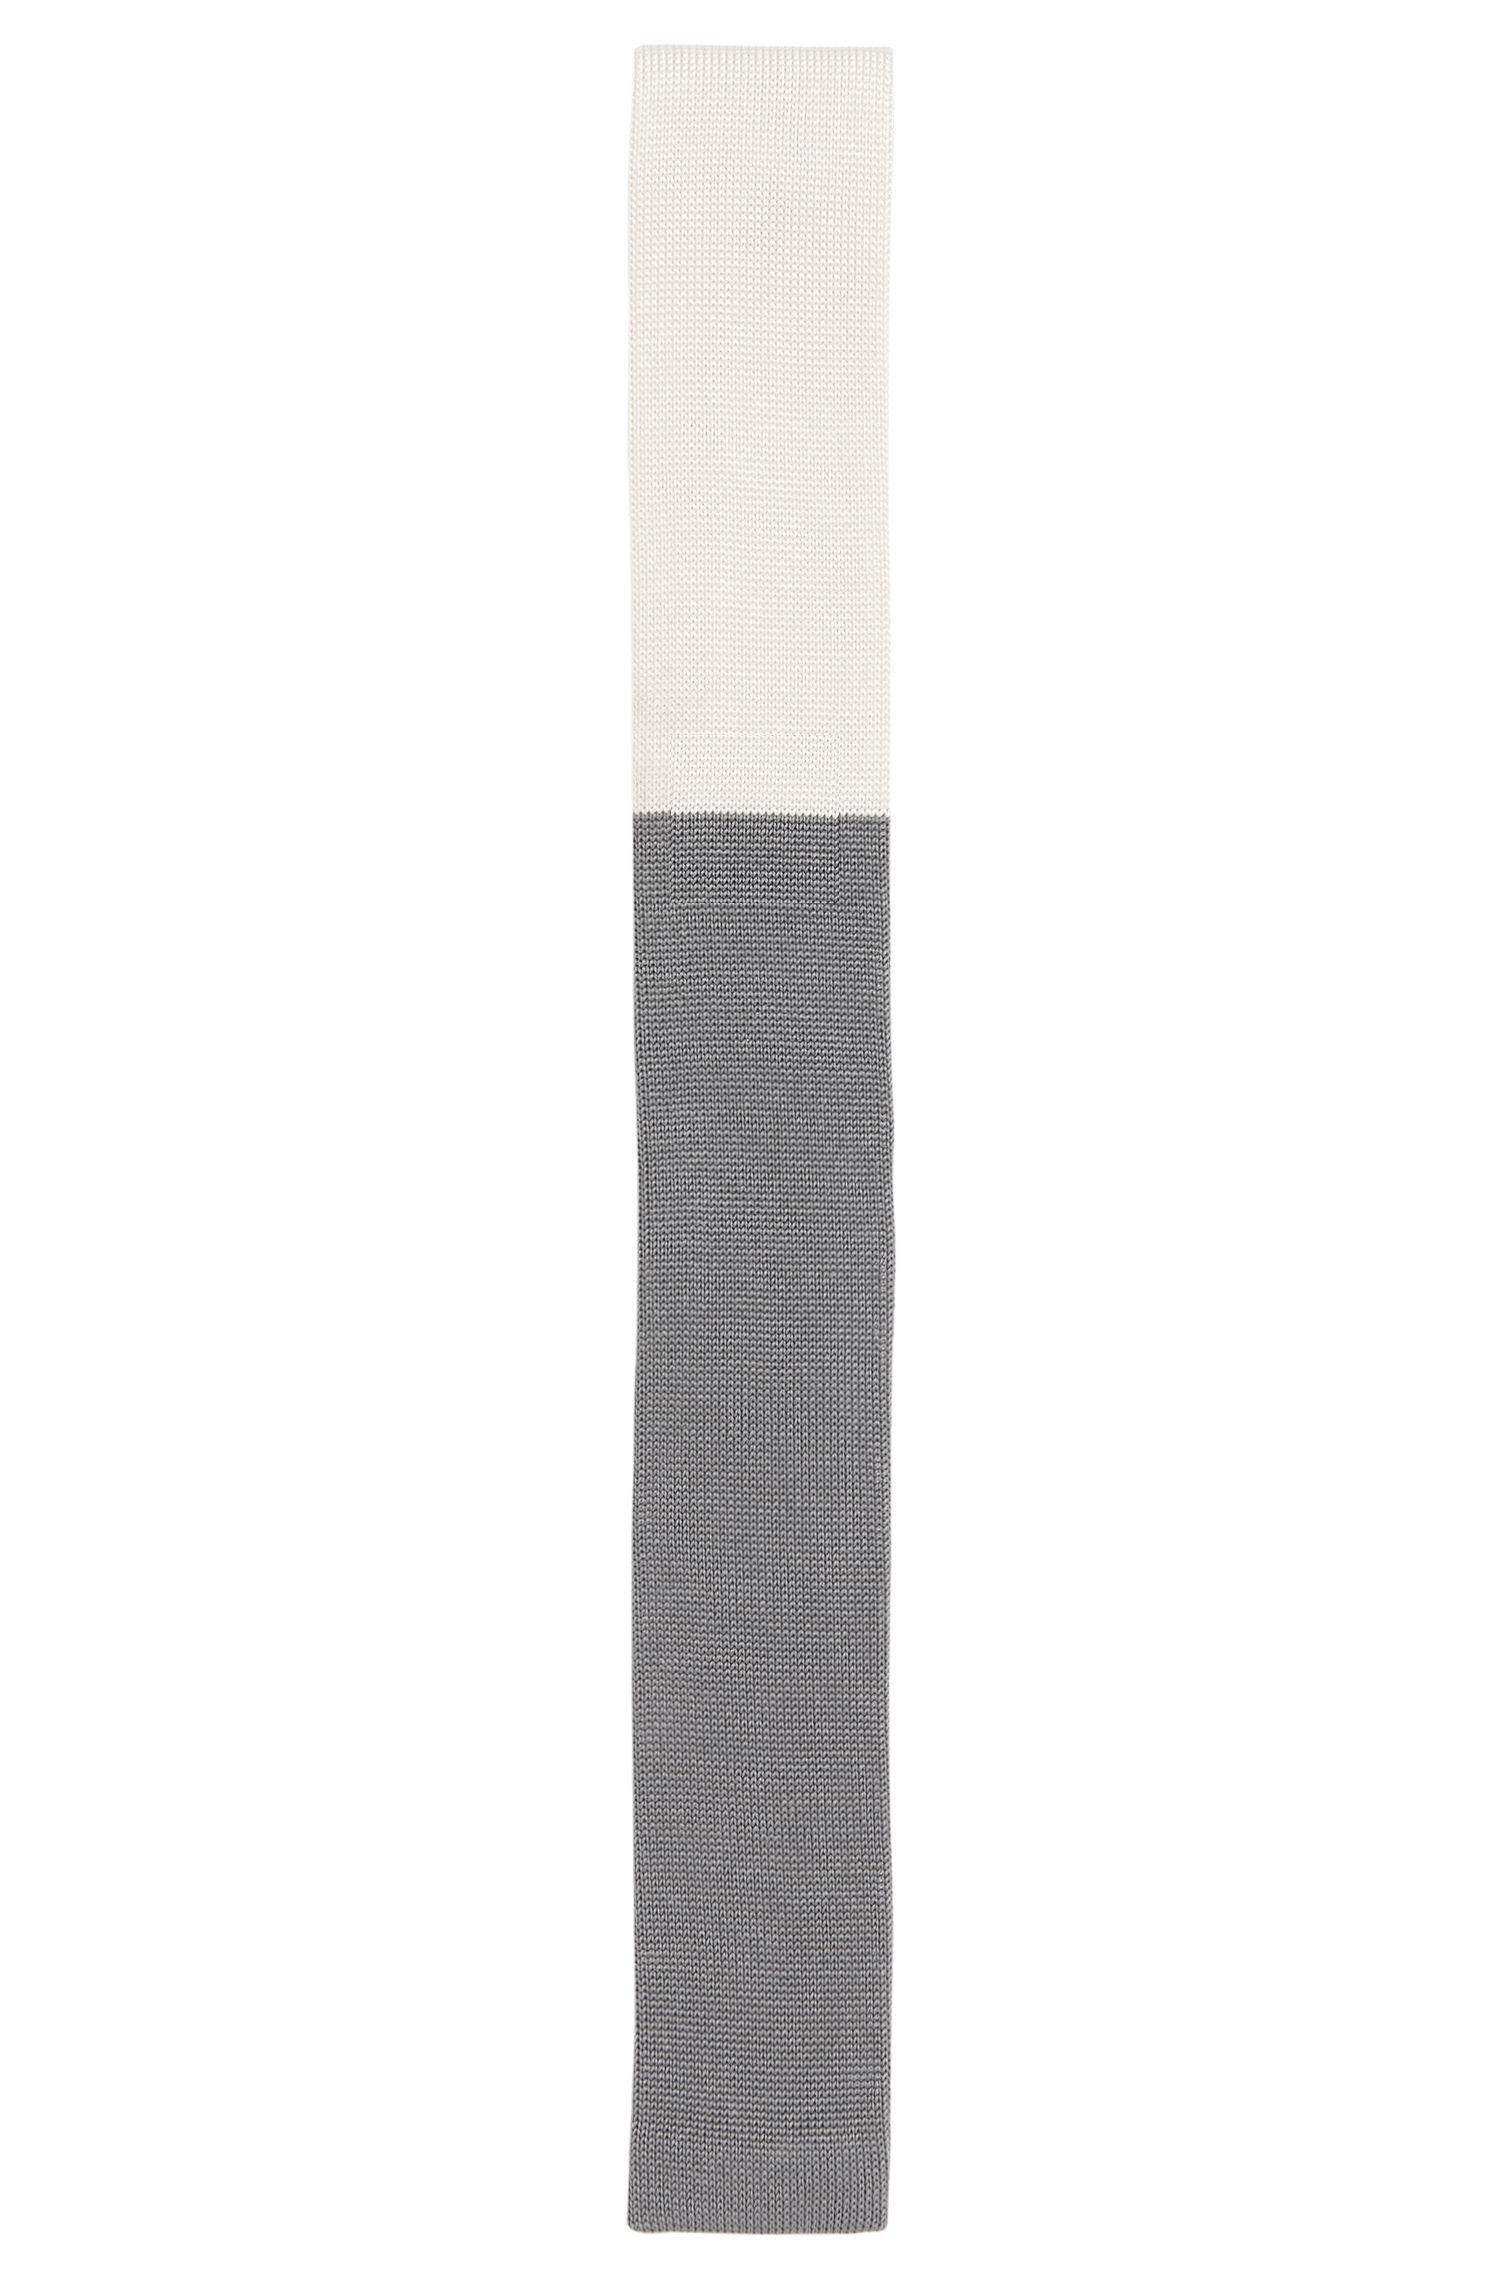 'Tie 5 cm' | Skinny, Italian Silk Knit Tie